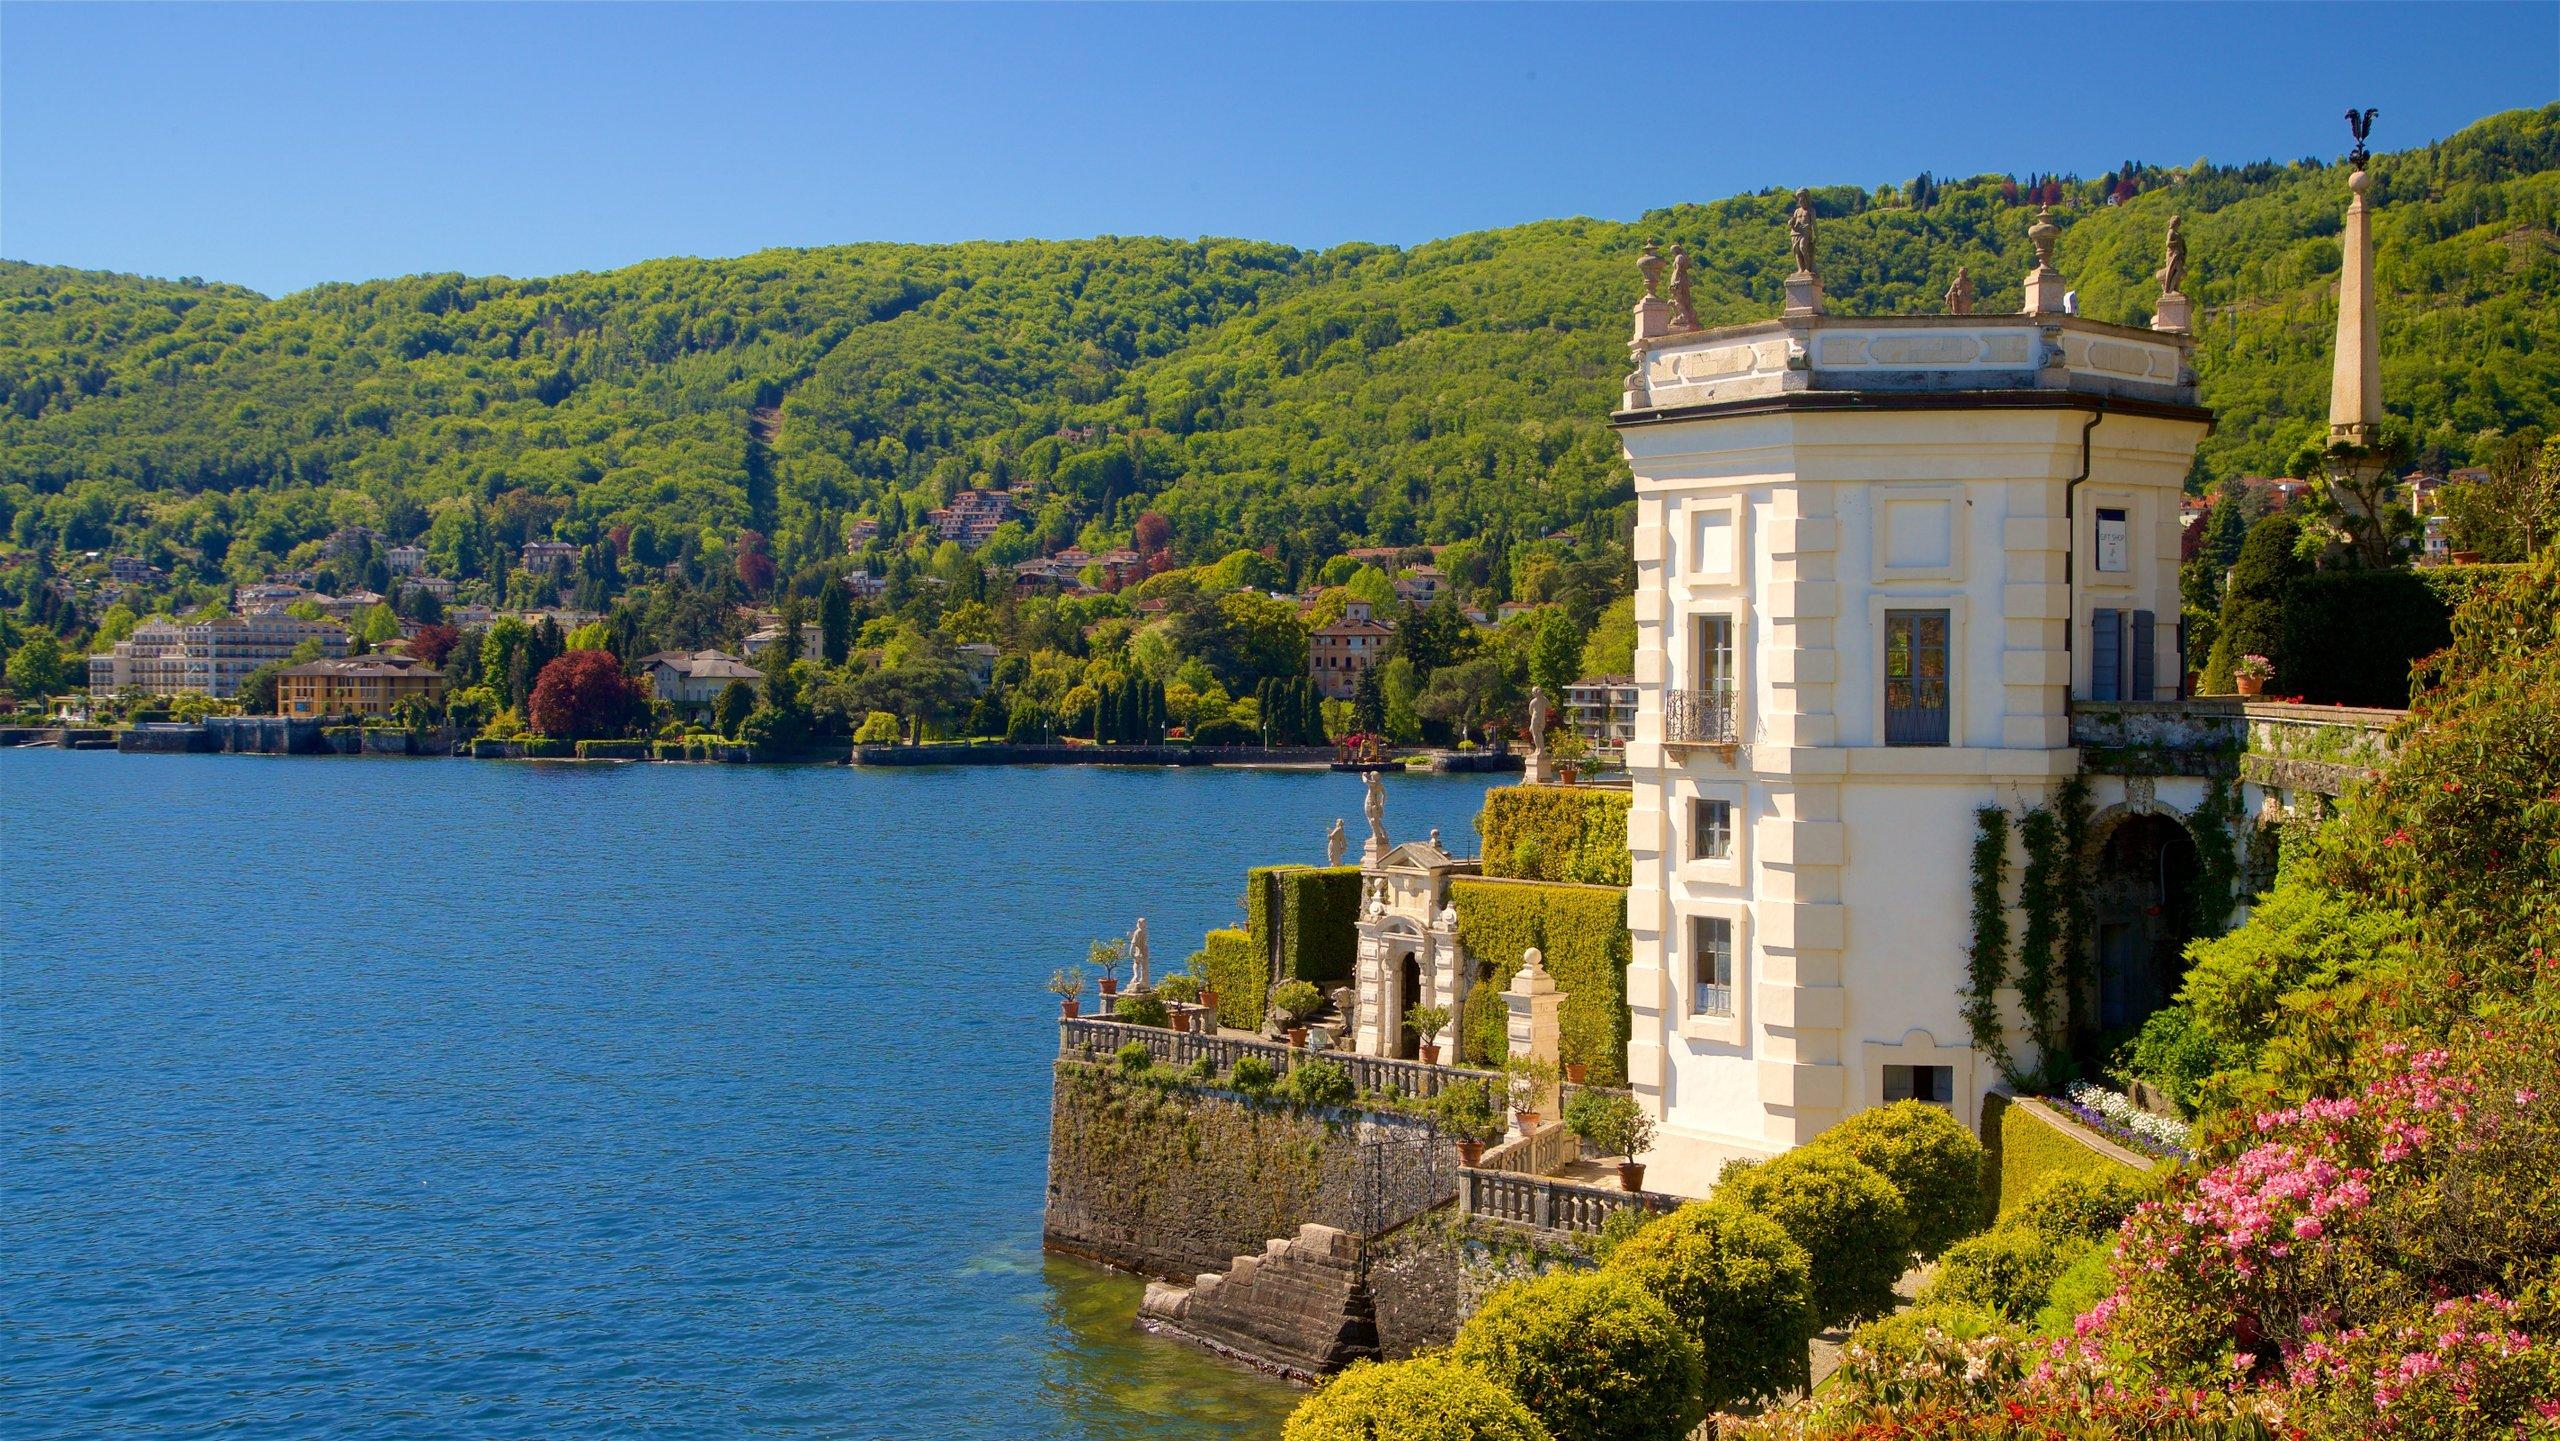 Godi tutte le bellezze degli spazi aperti a Giardino botanico dell'isola Bella, uno degli stupendi spazi verdi di Stresa. Esplora l'area vagando tra il lago e i magnifici giardini.